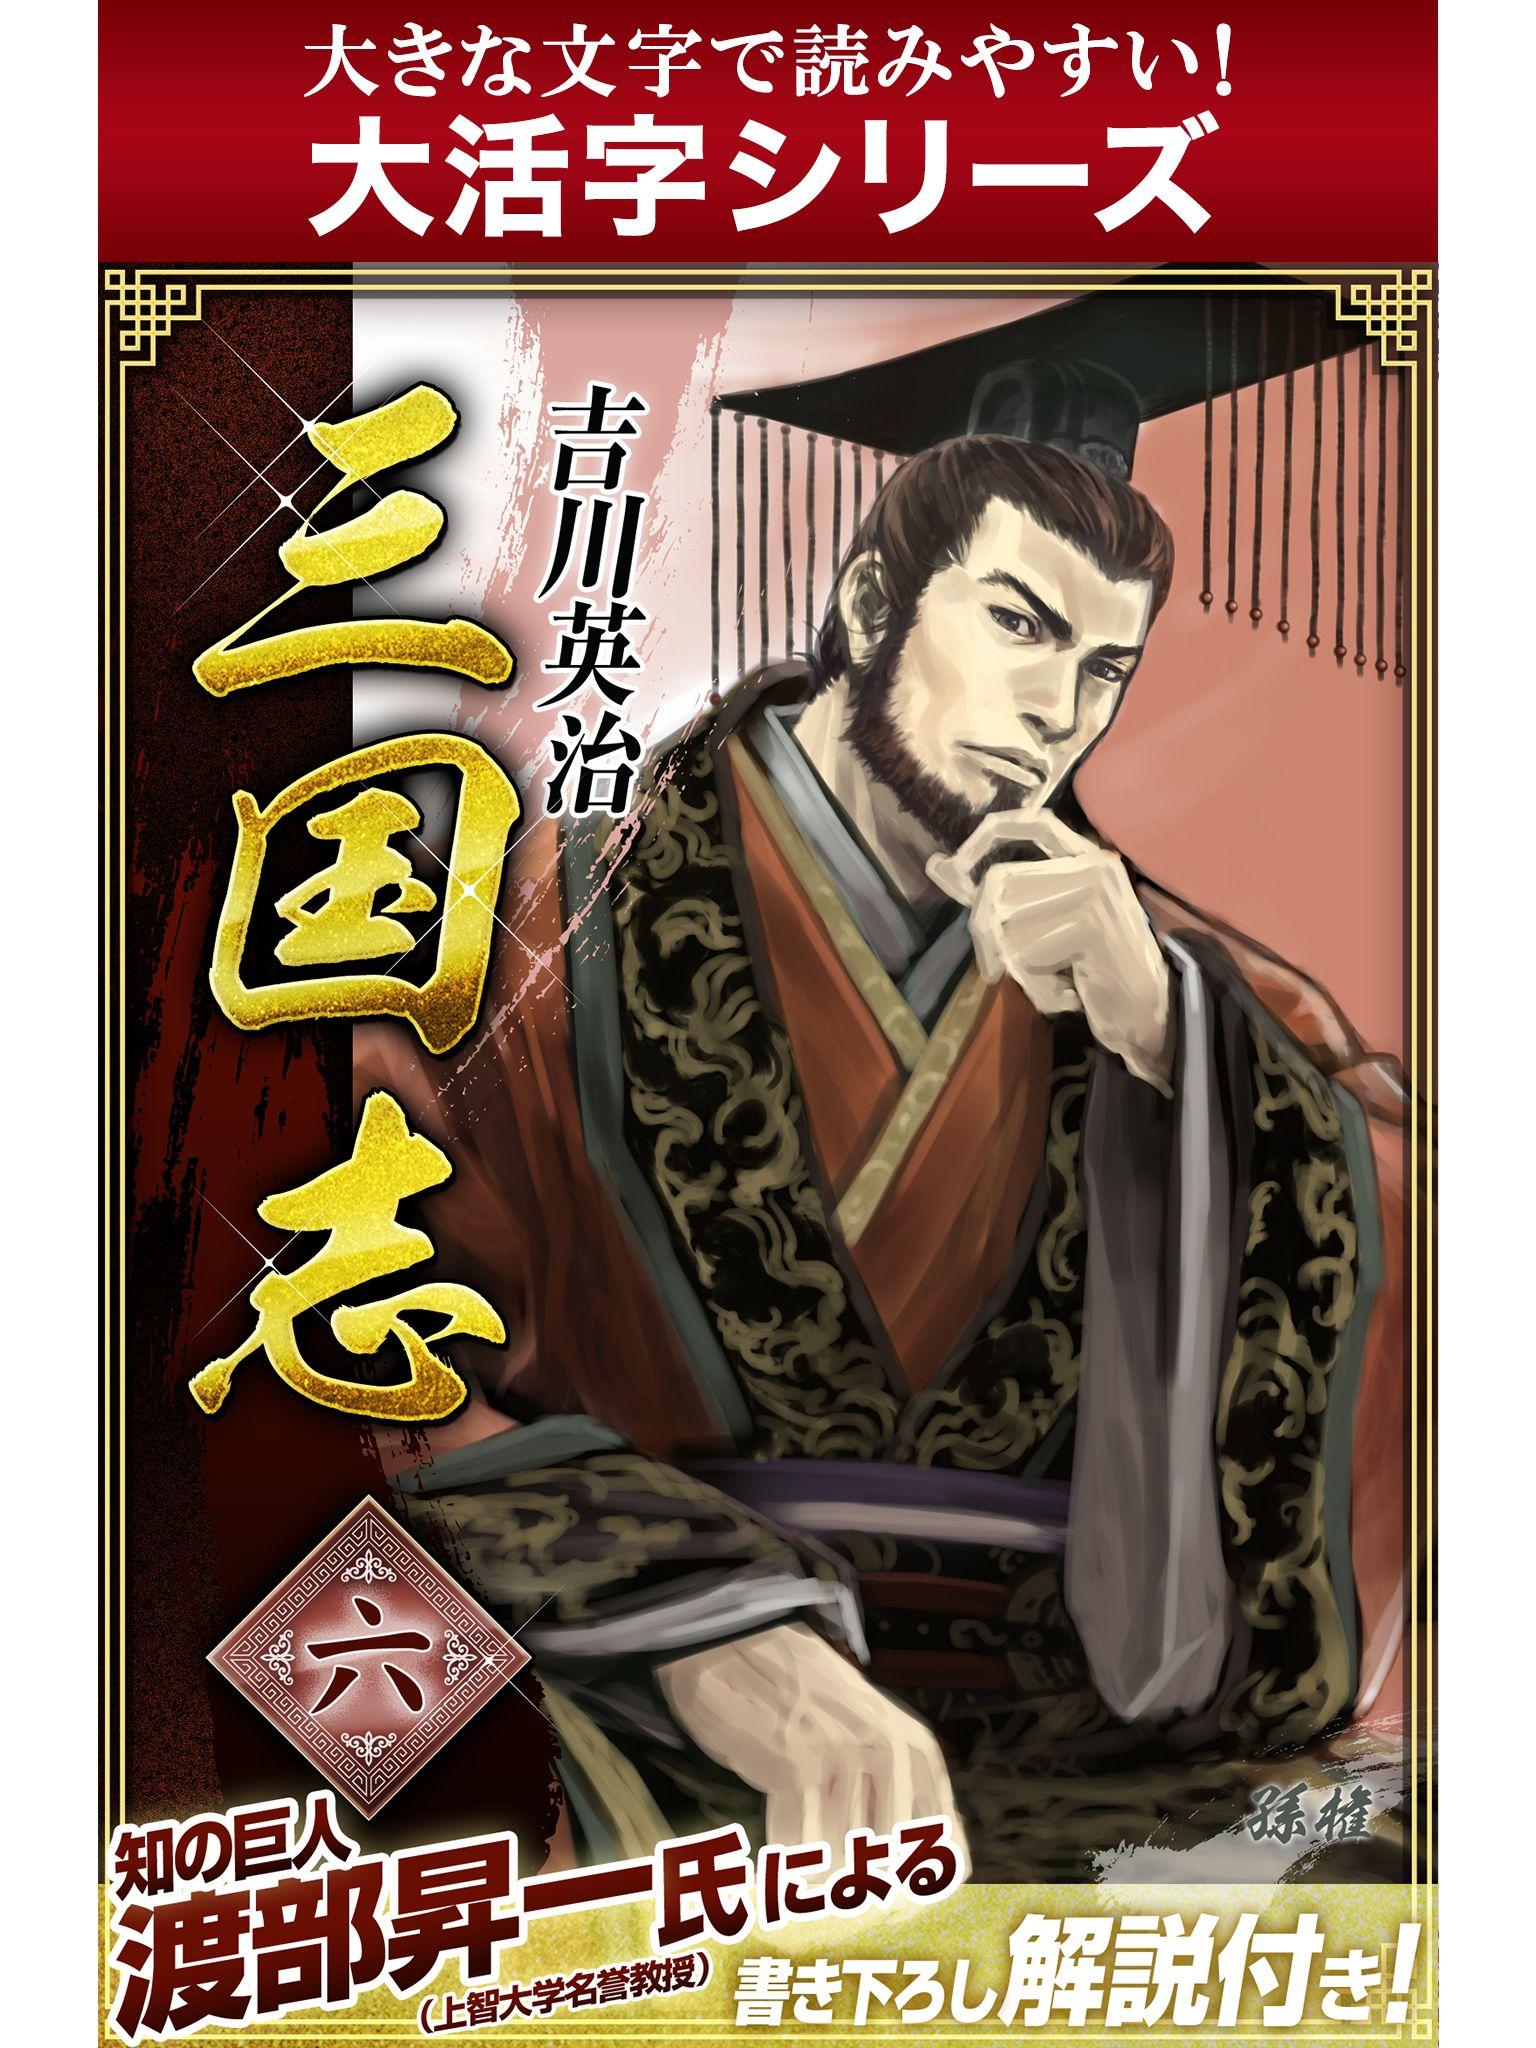 【大活字シリーズ】三国志 6巻